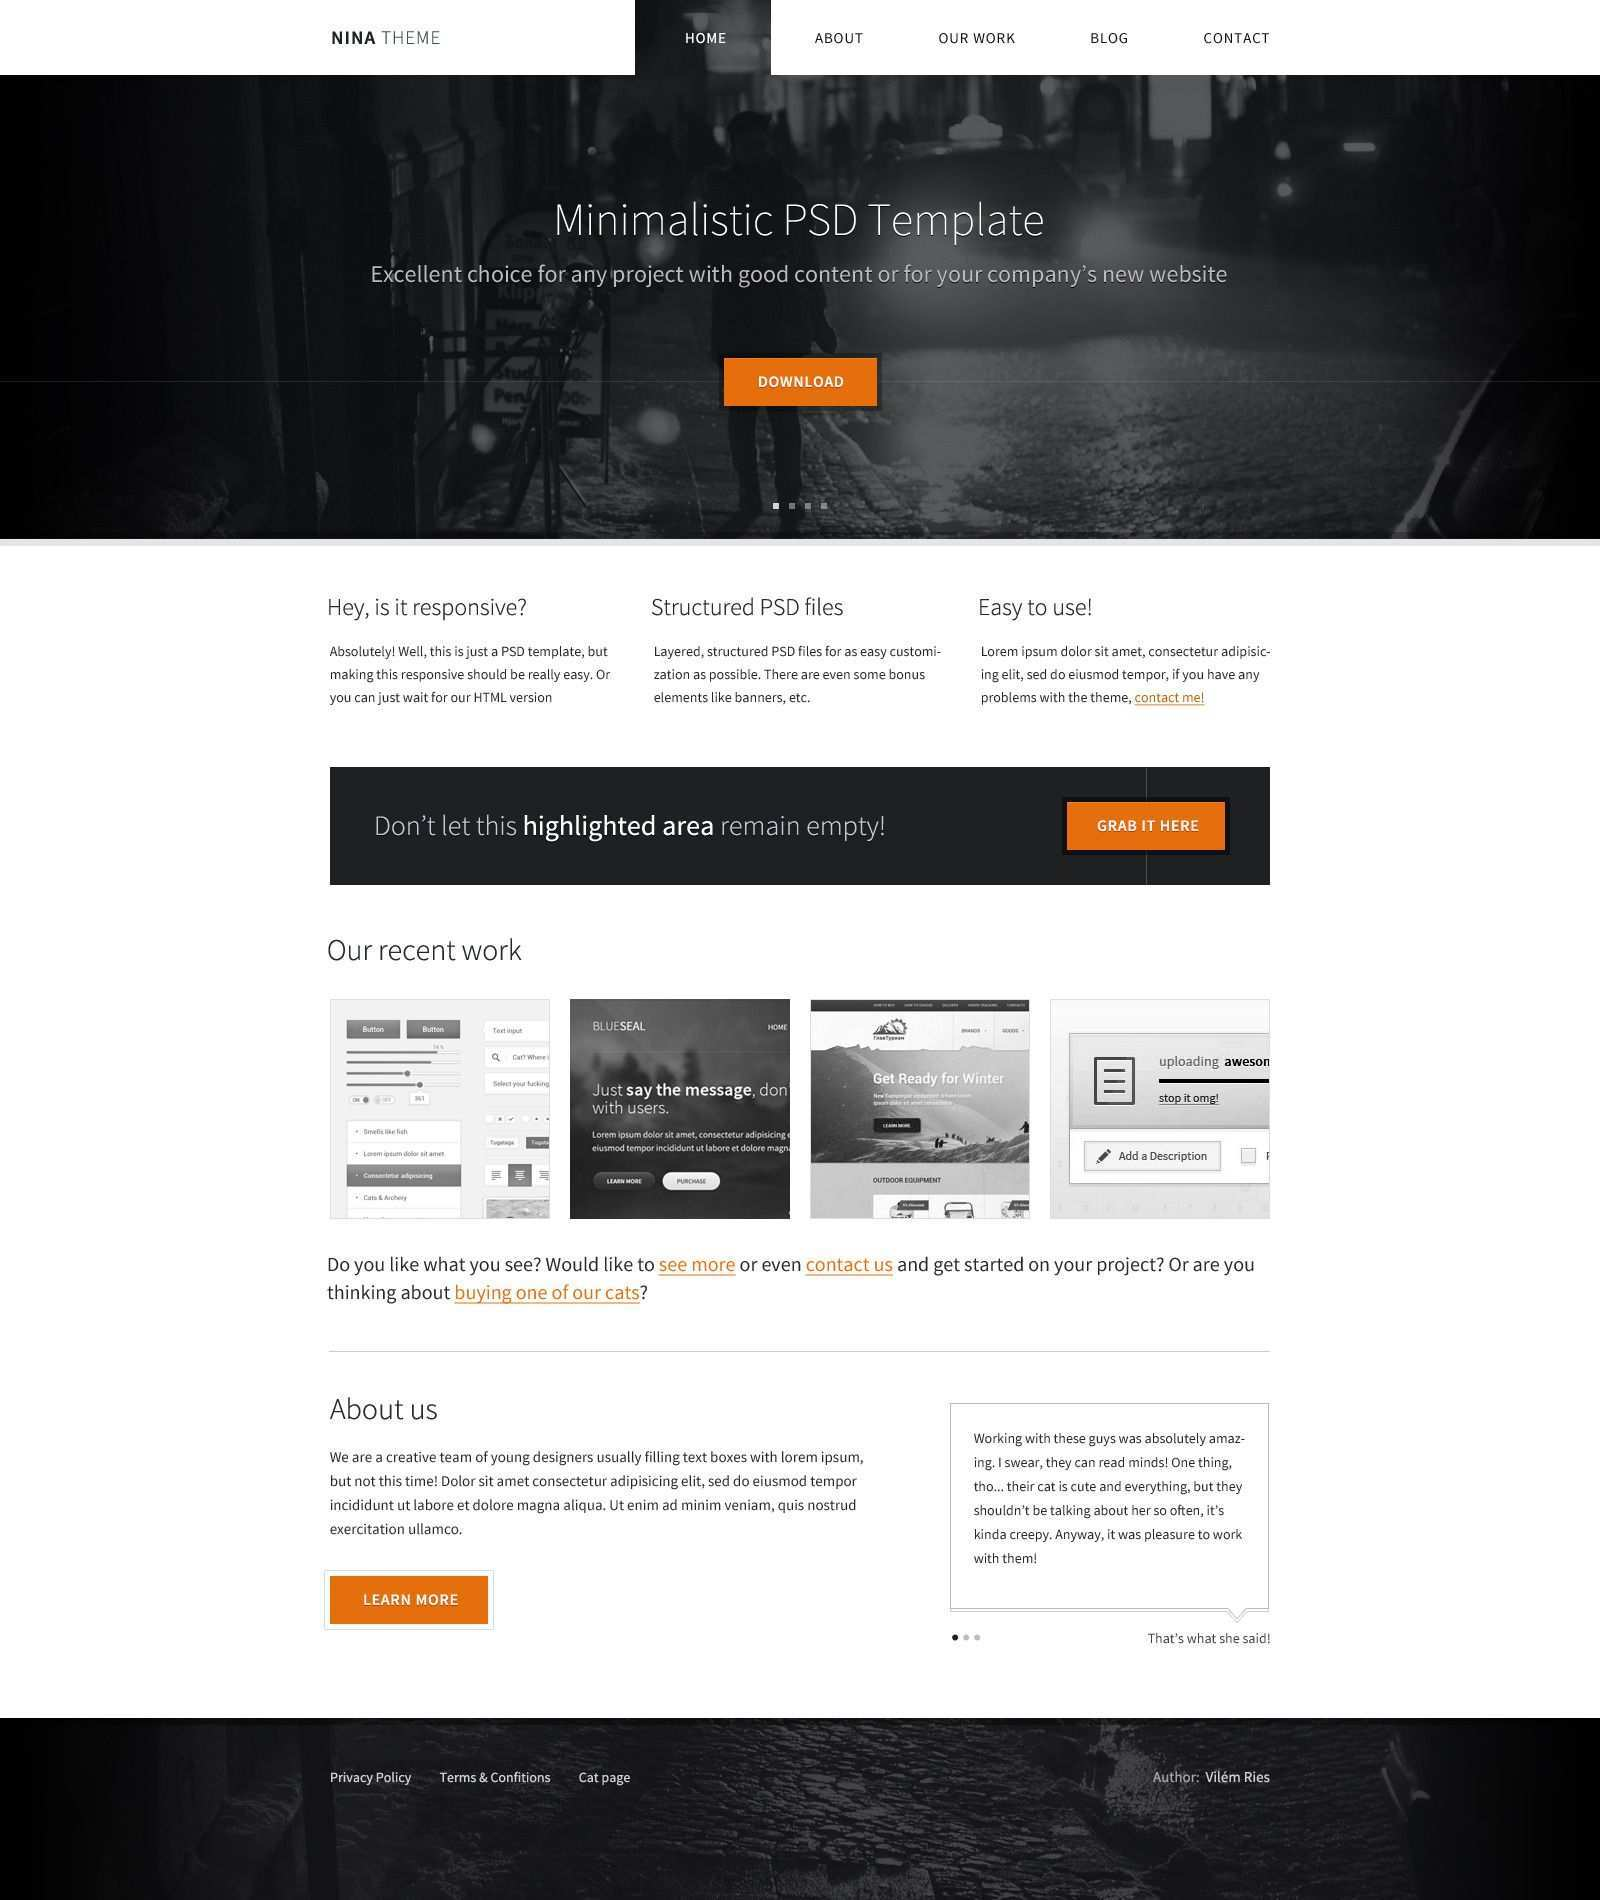 Nina Theme Business Website Templates Css Website Templates Css Templates